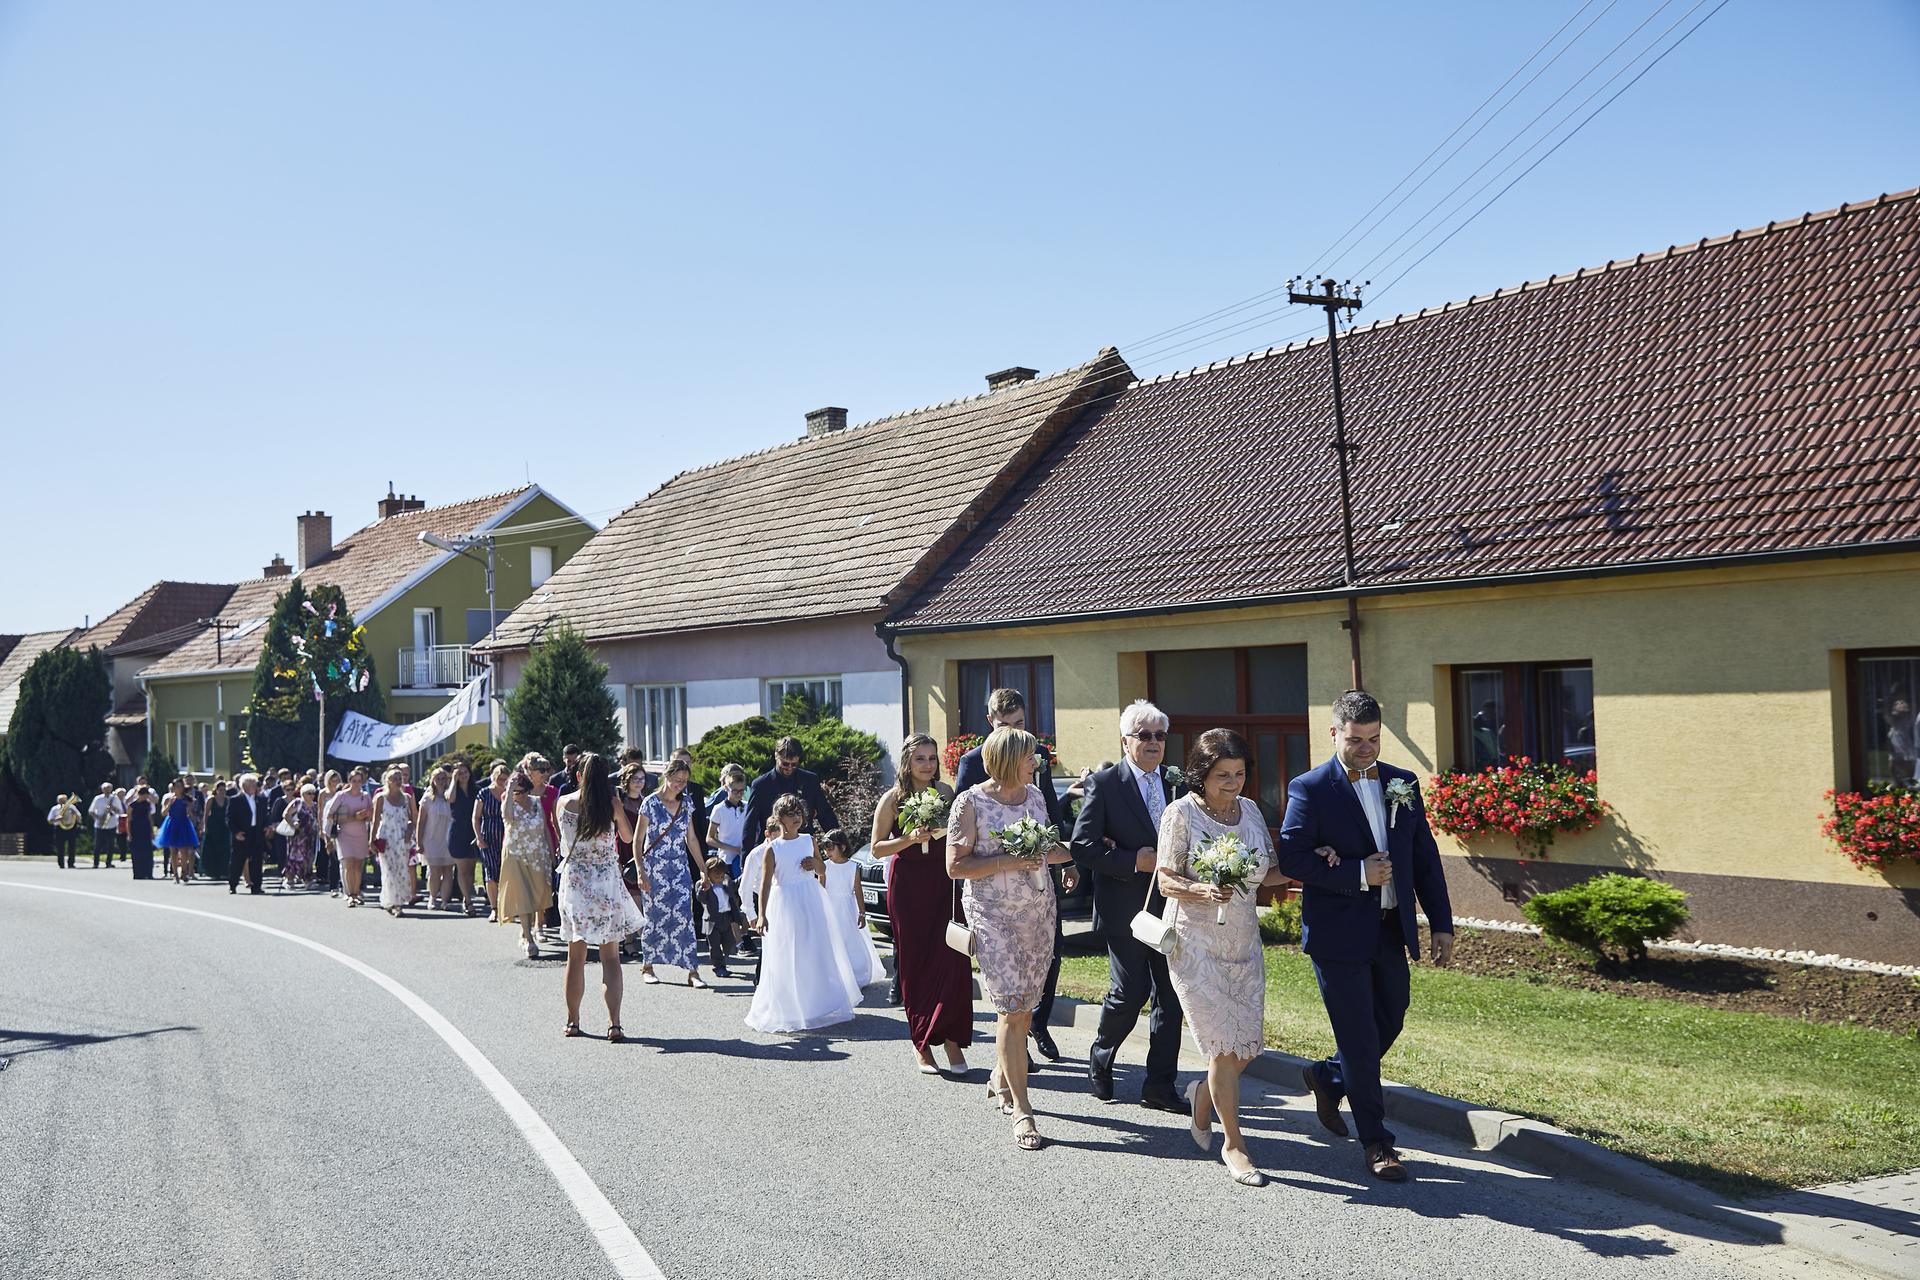 Naše slovácká svatba - Průvod n obřad